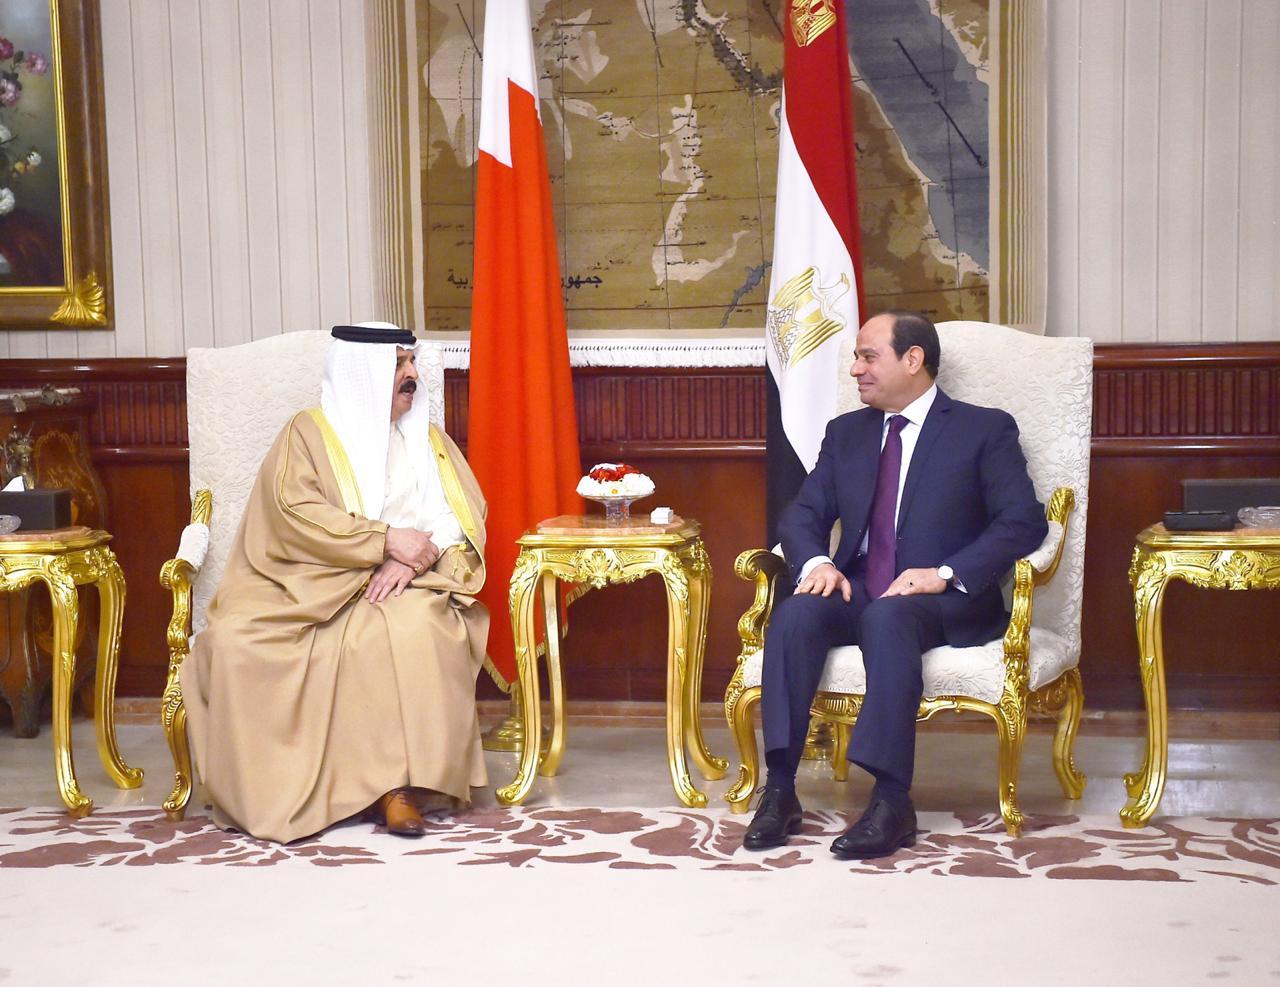 عبد الفتاح السيسي و الملك حمد بن عيسى آل خليفة ملك مملكة البحرين (8)